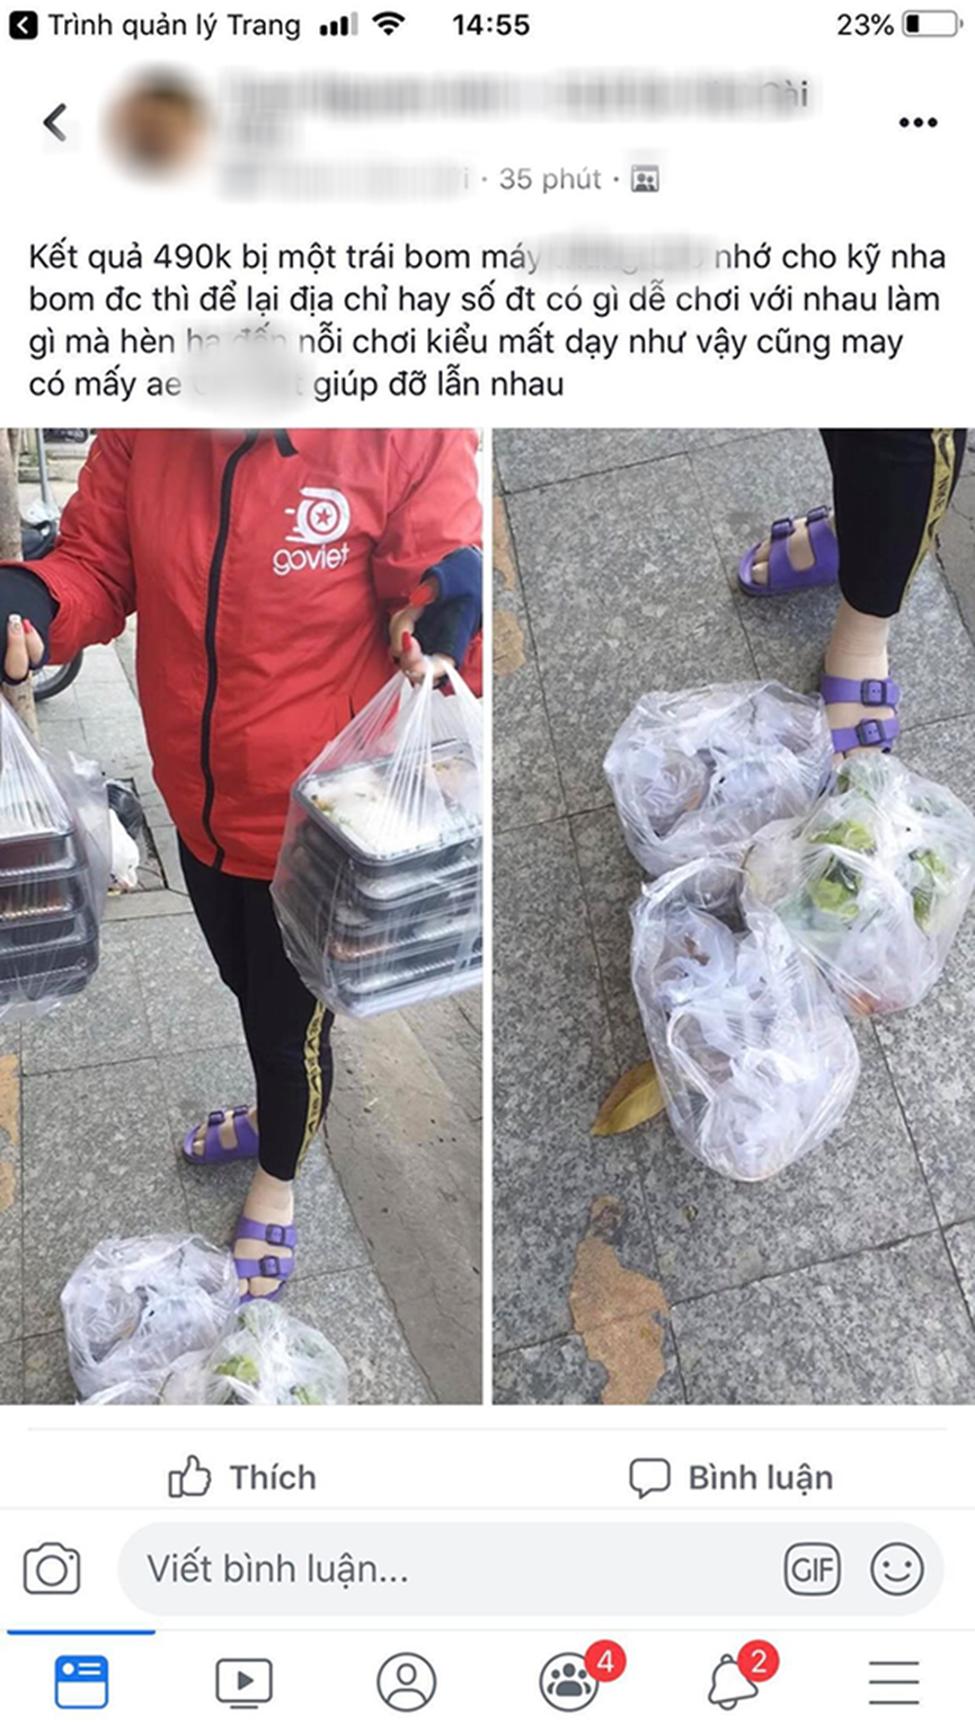 Hết bùng trà sữa tiền triệu, một shipper nữ khác bị bom gần 500 ngàn tiền cơm khiến dân mạng phẫn nộ-1